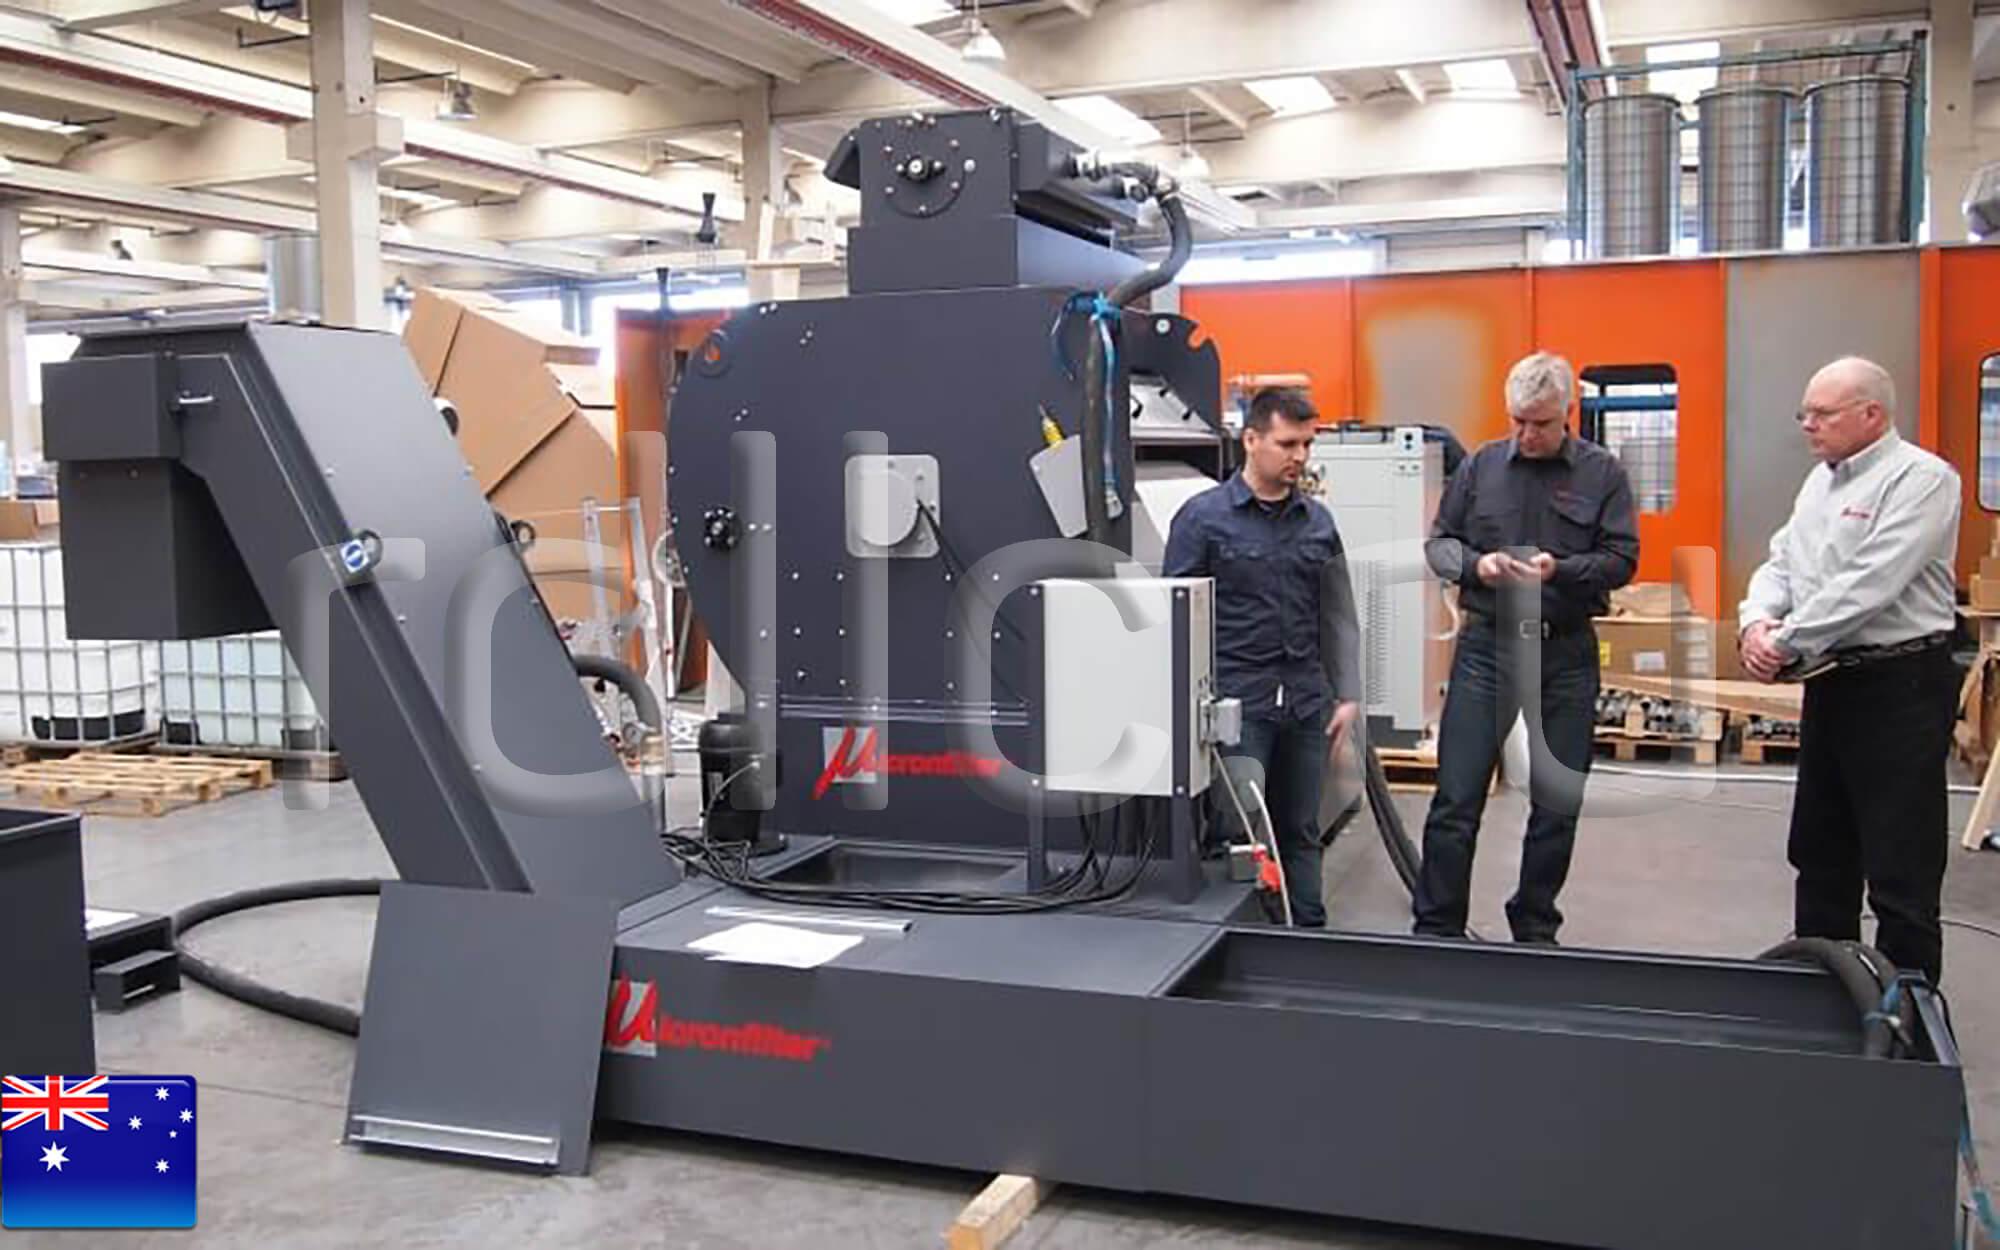 Оснащение станка глубокого сверления станцией очистки СОЖ (установка фильтрации СОЖ гравитационного типа Maxflow | магнитный сепаратор СОЖ Kalamit)